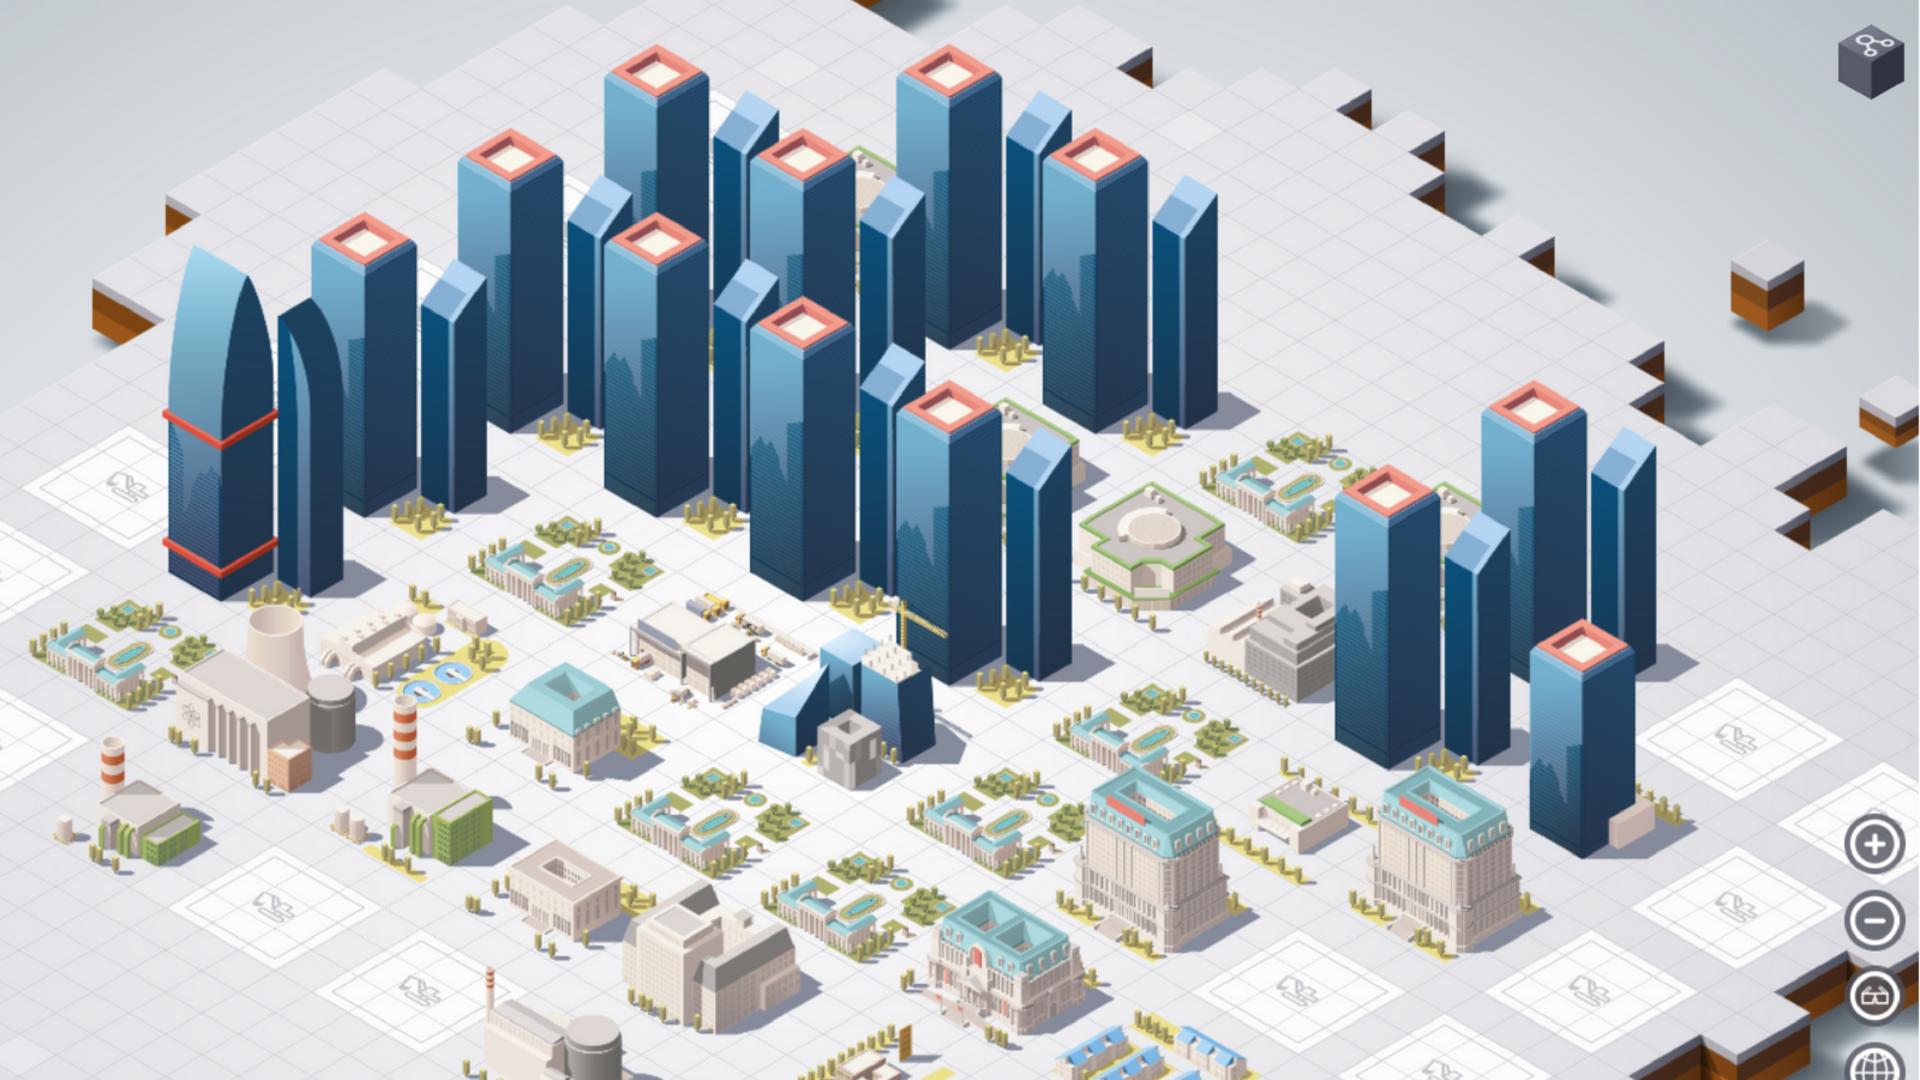 Rocktown gameplay